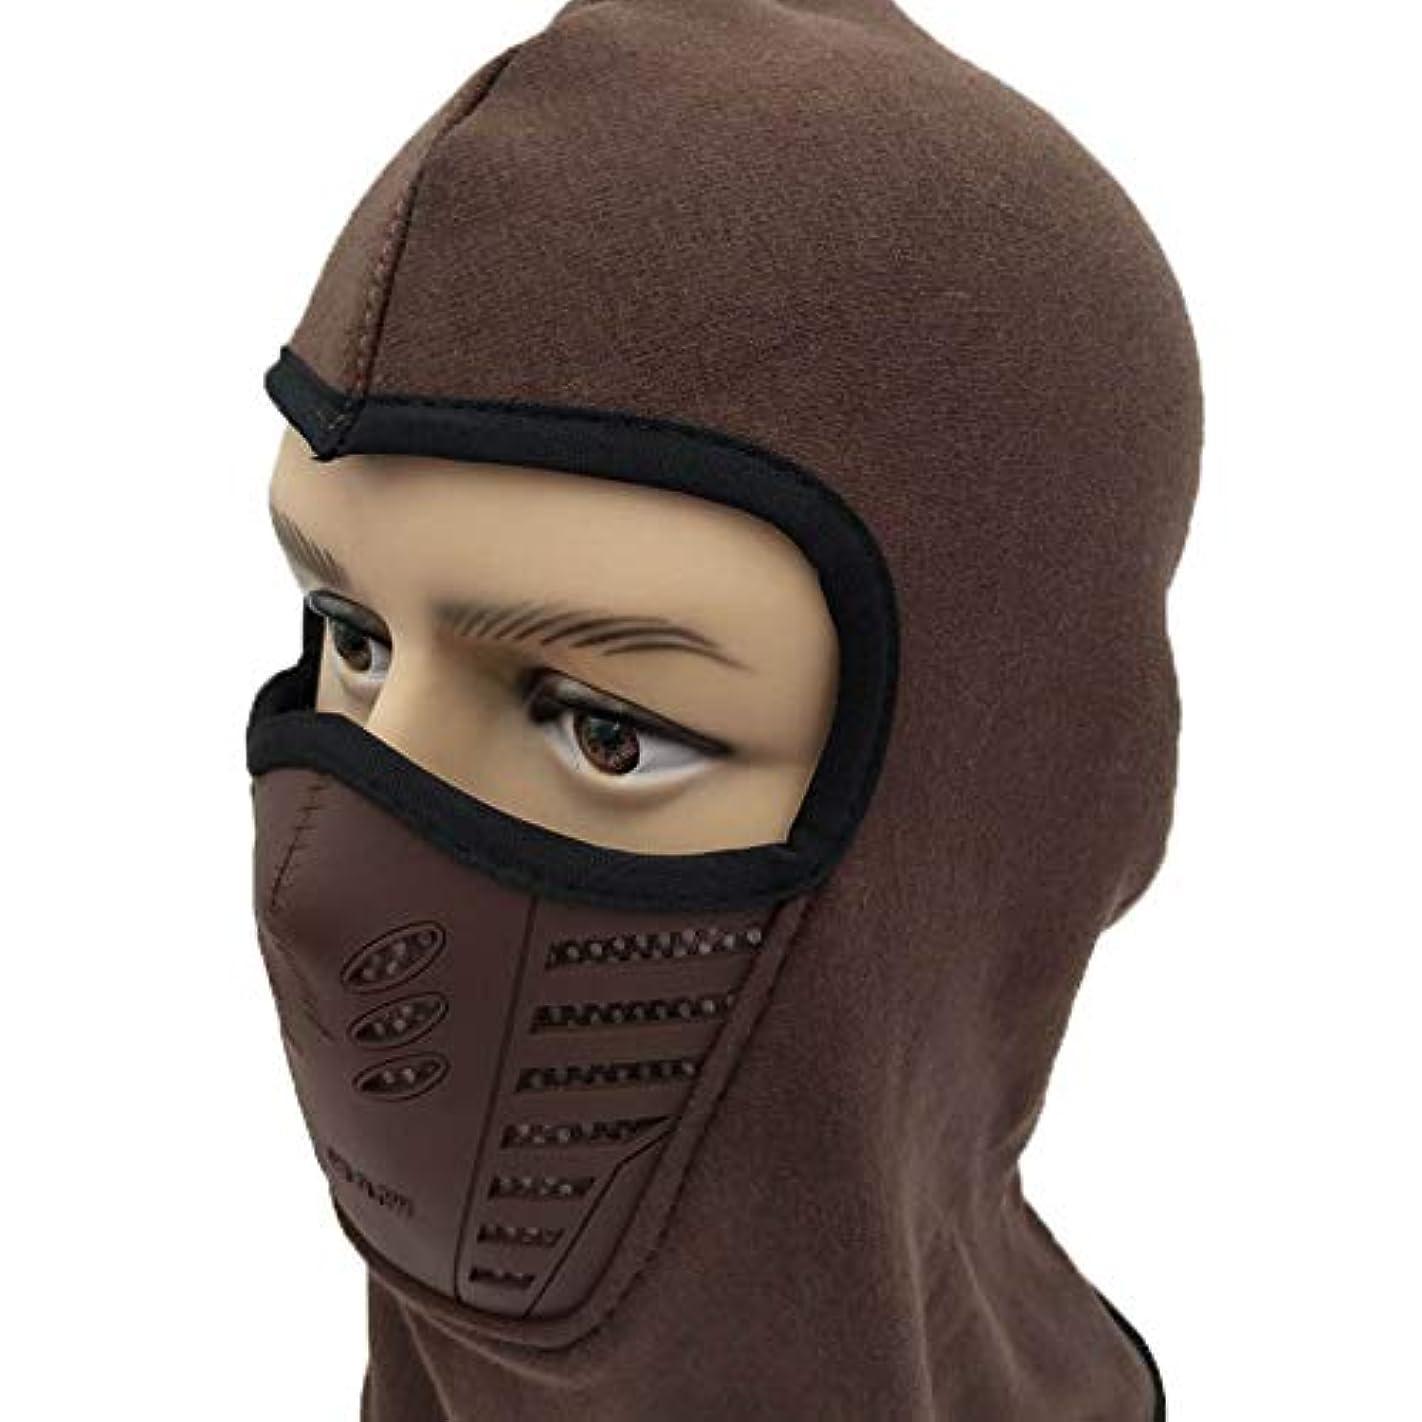 スイ提案する出しますProfeel ウィンターフリースネックウォーマー、フェイスマスクカバー、厚手ロングネックガーターチューブ、ビーニーネックウォーマーフード、ウィンターアウトドアスポーツマスク防風フード帽子